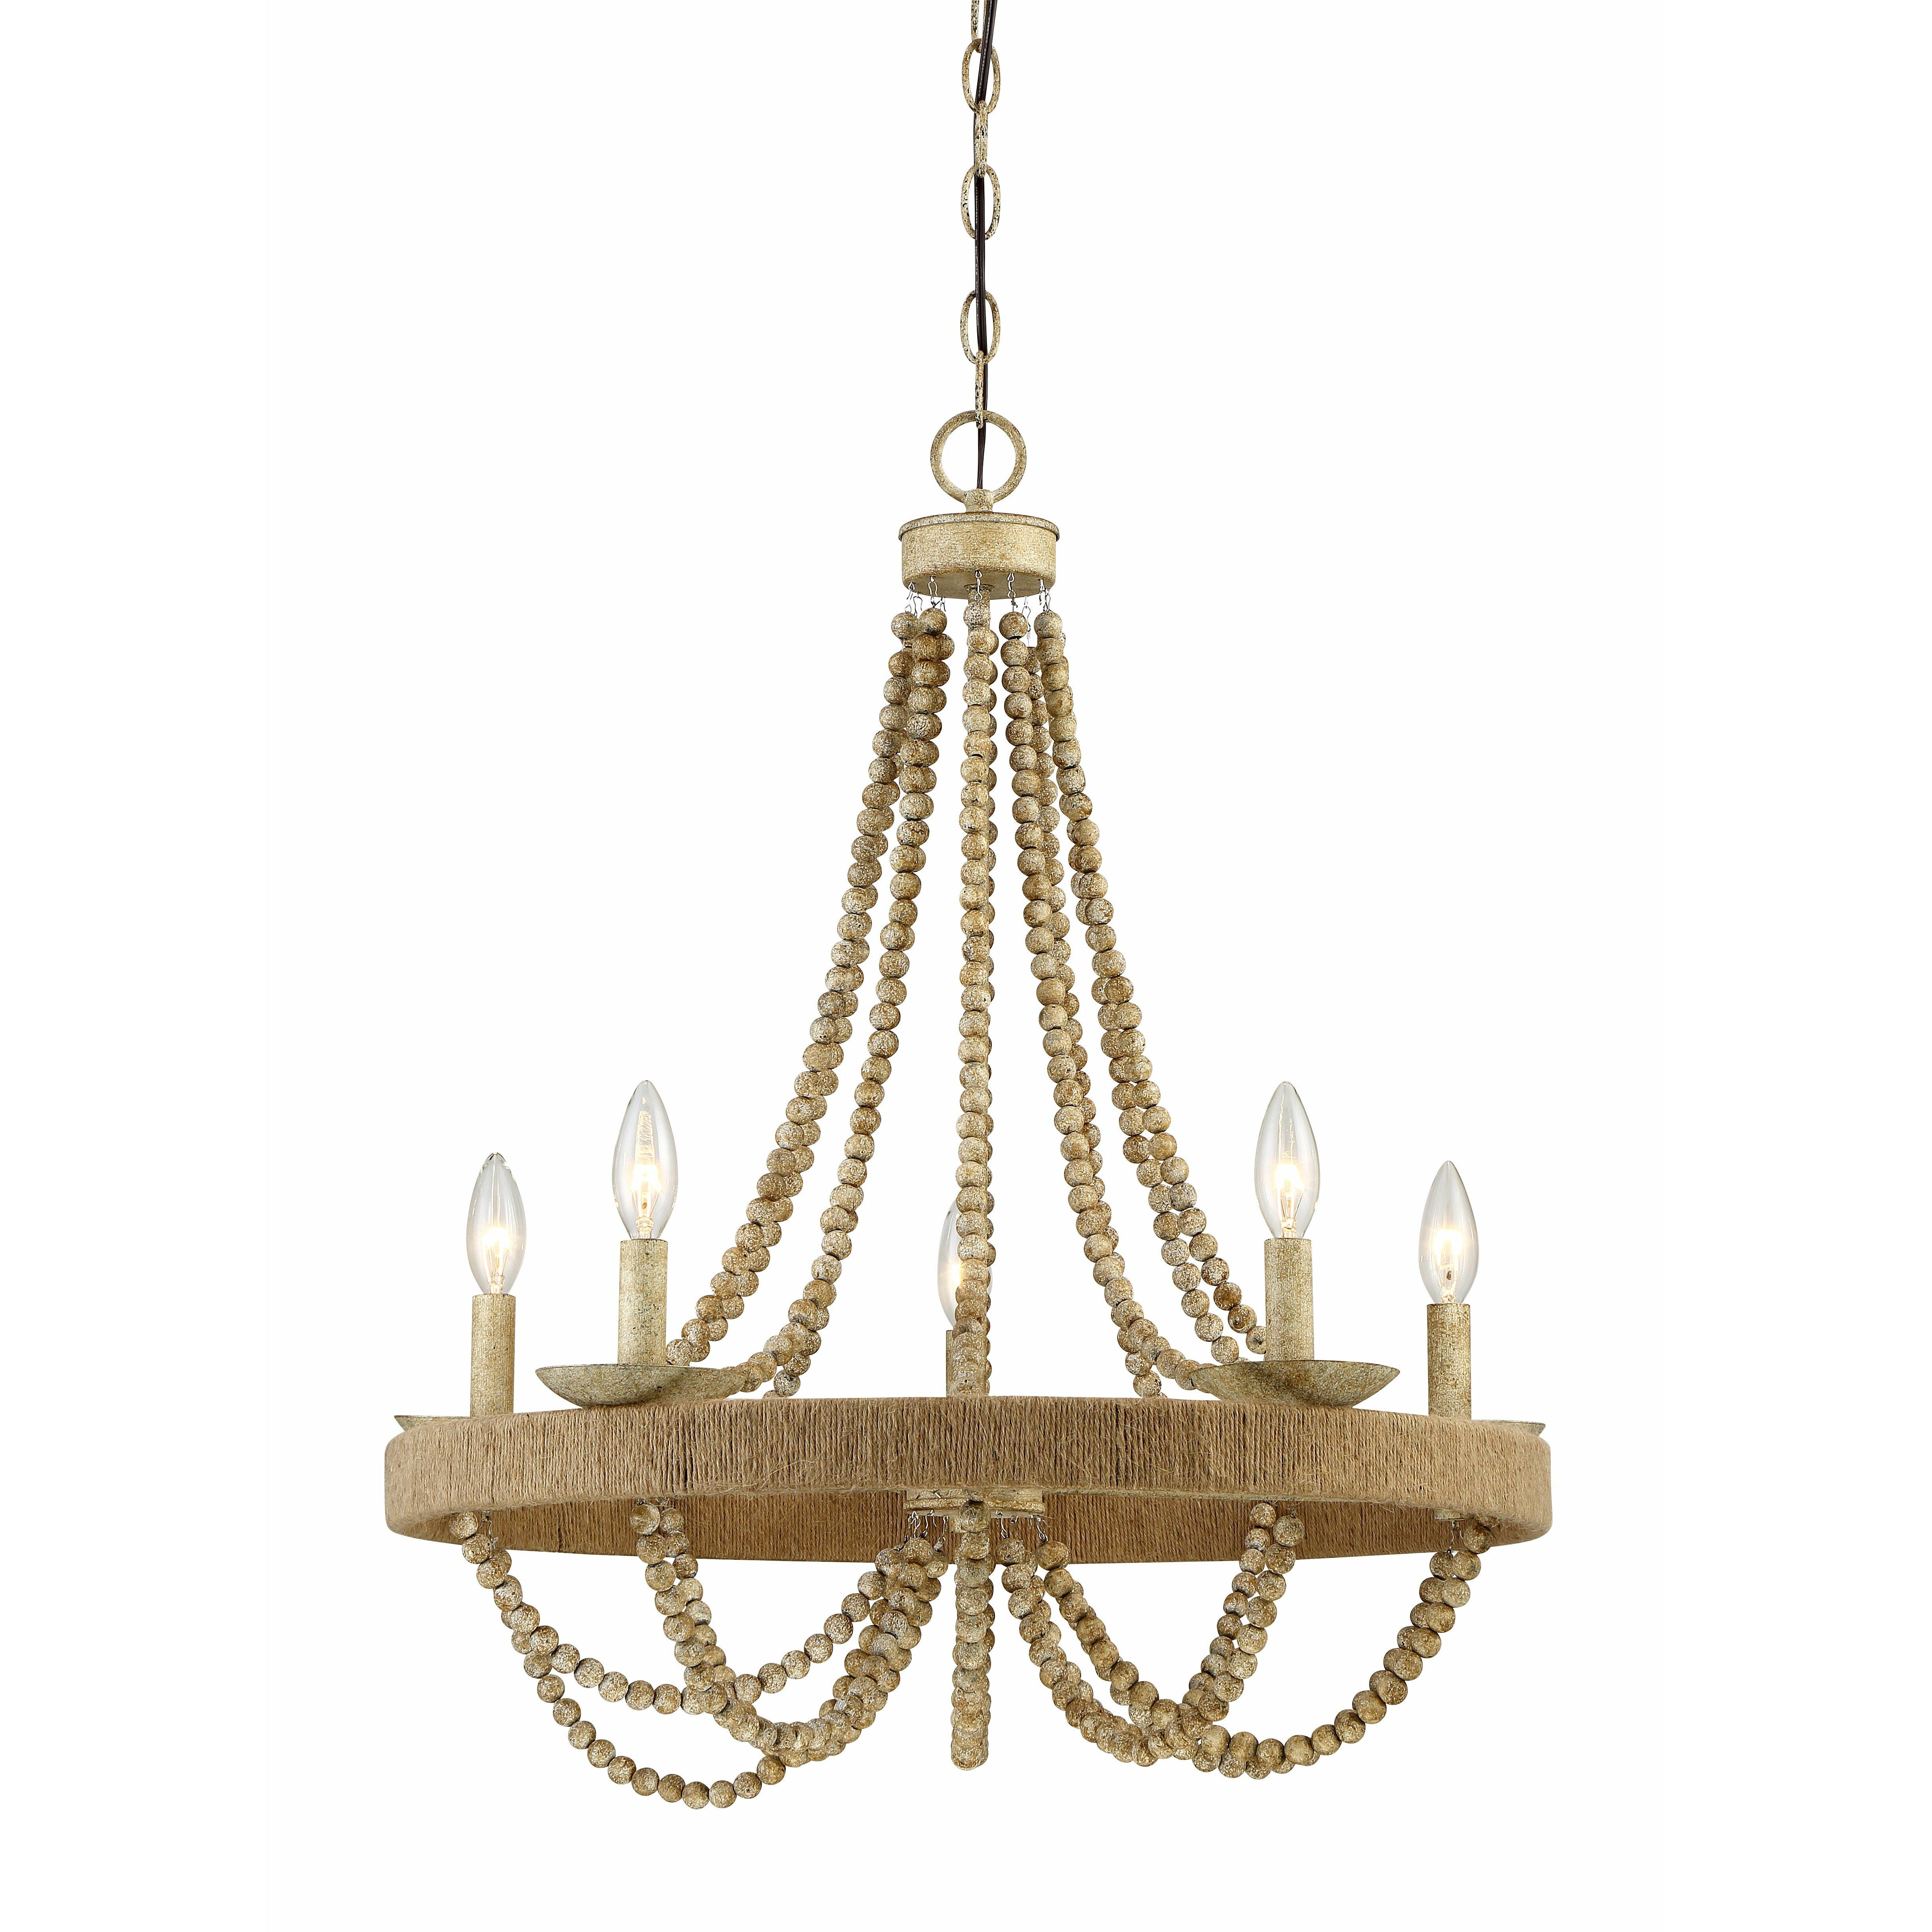 chandeliers joss main lighting ideas